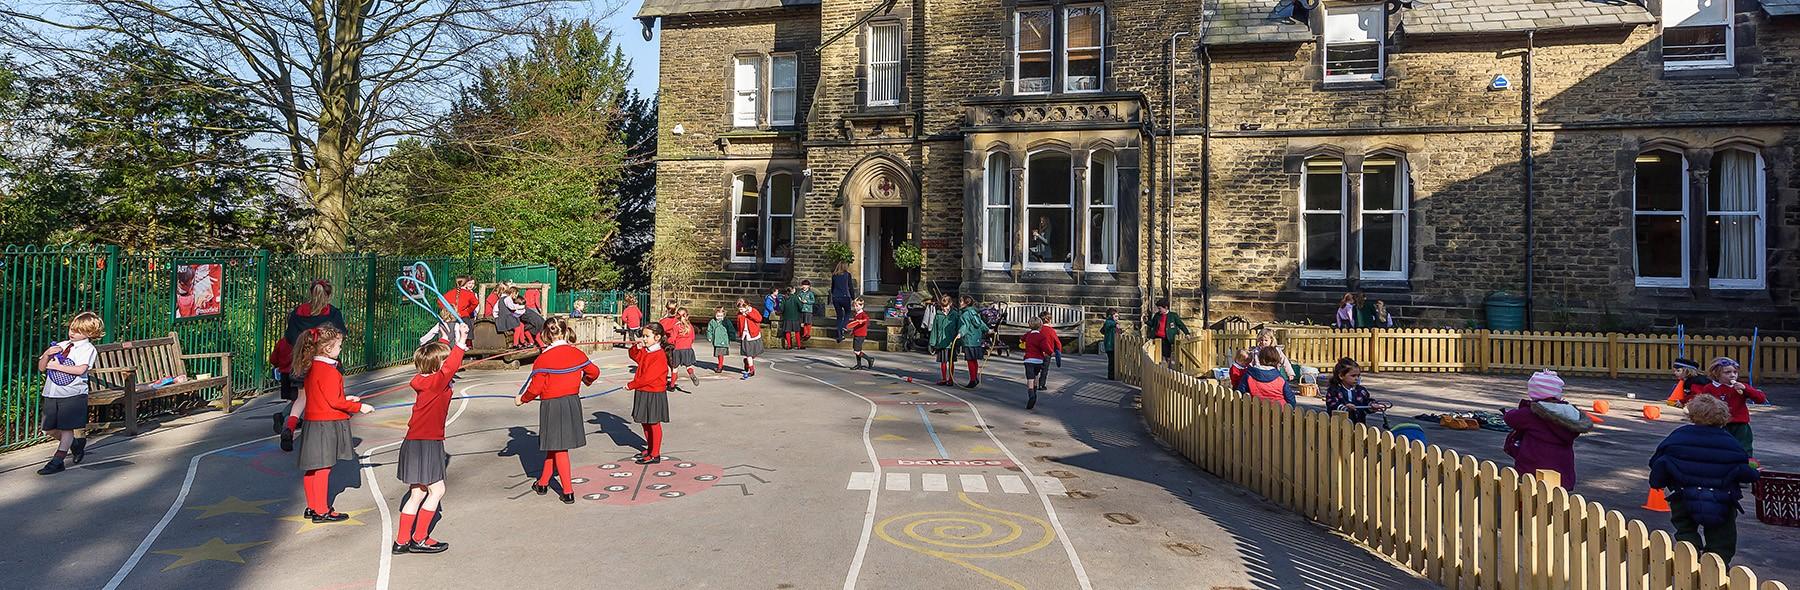 Moorfield School-Activities  Febuary 2019